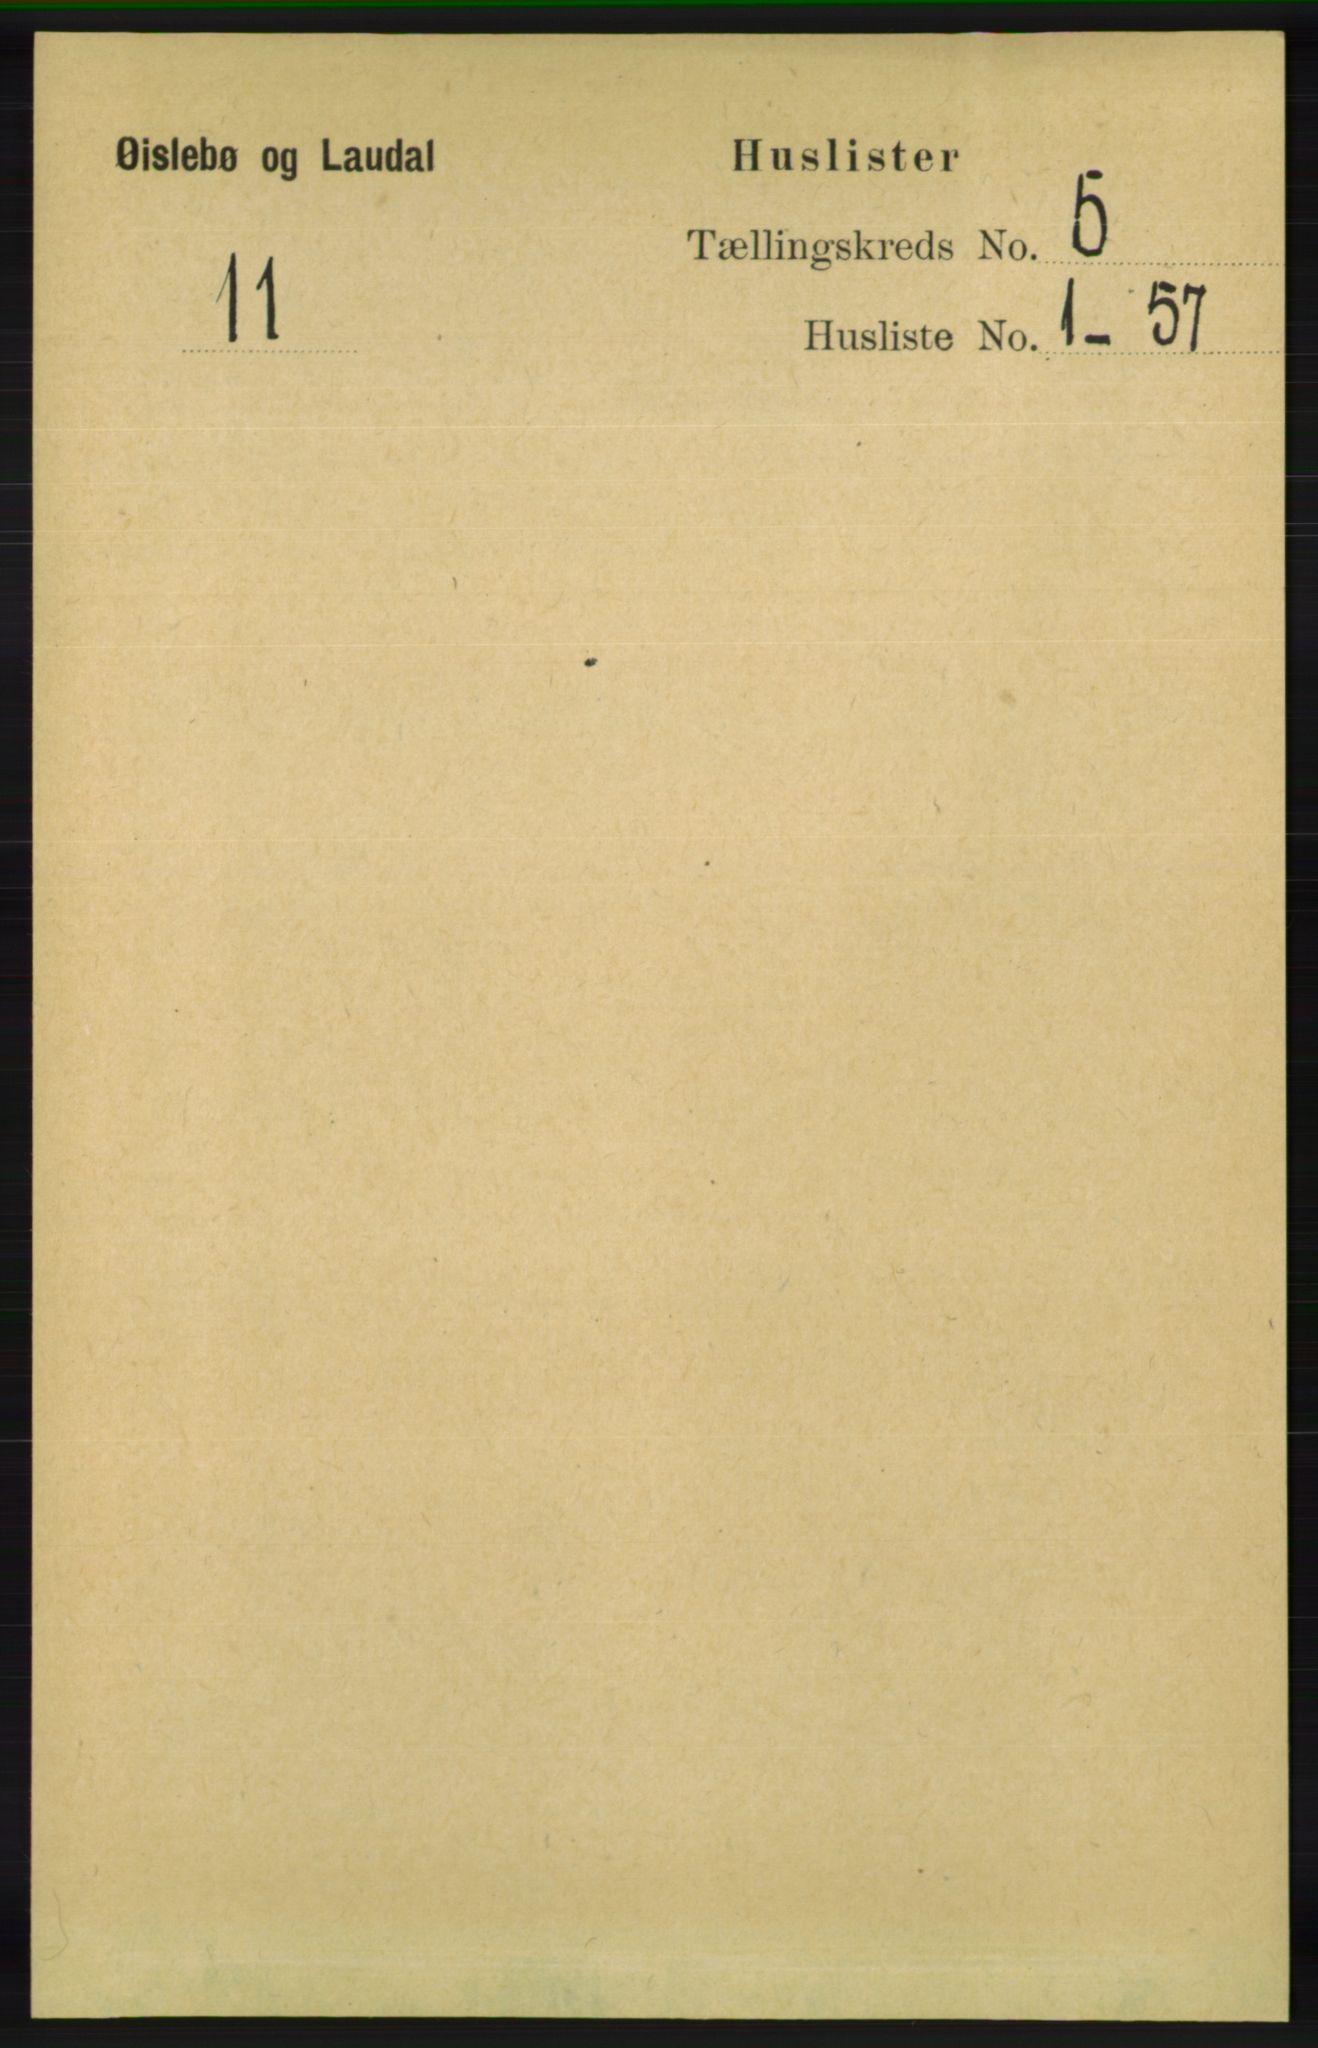 RA, Folketelling 1891 for 1021 Øyslebø og Laudal herred, 1891, s. 1275